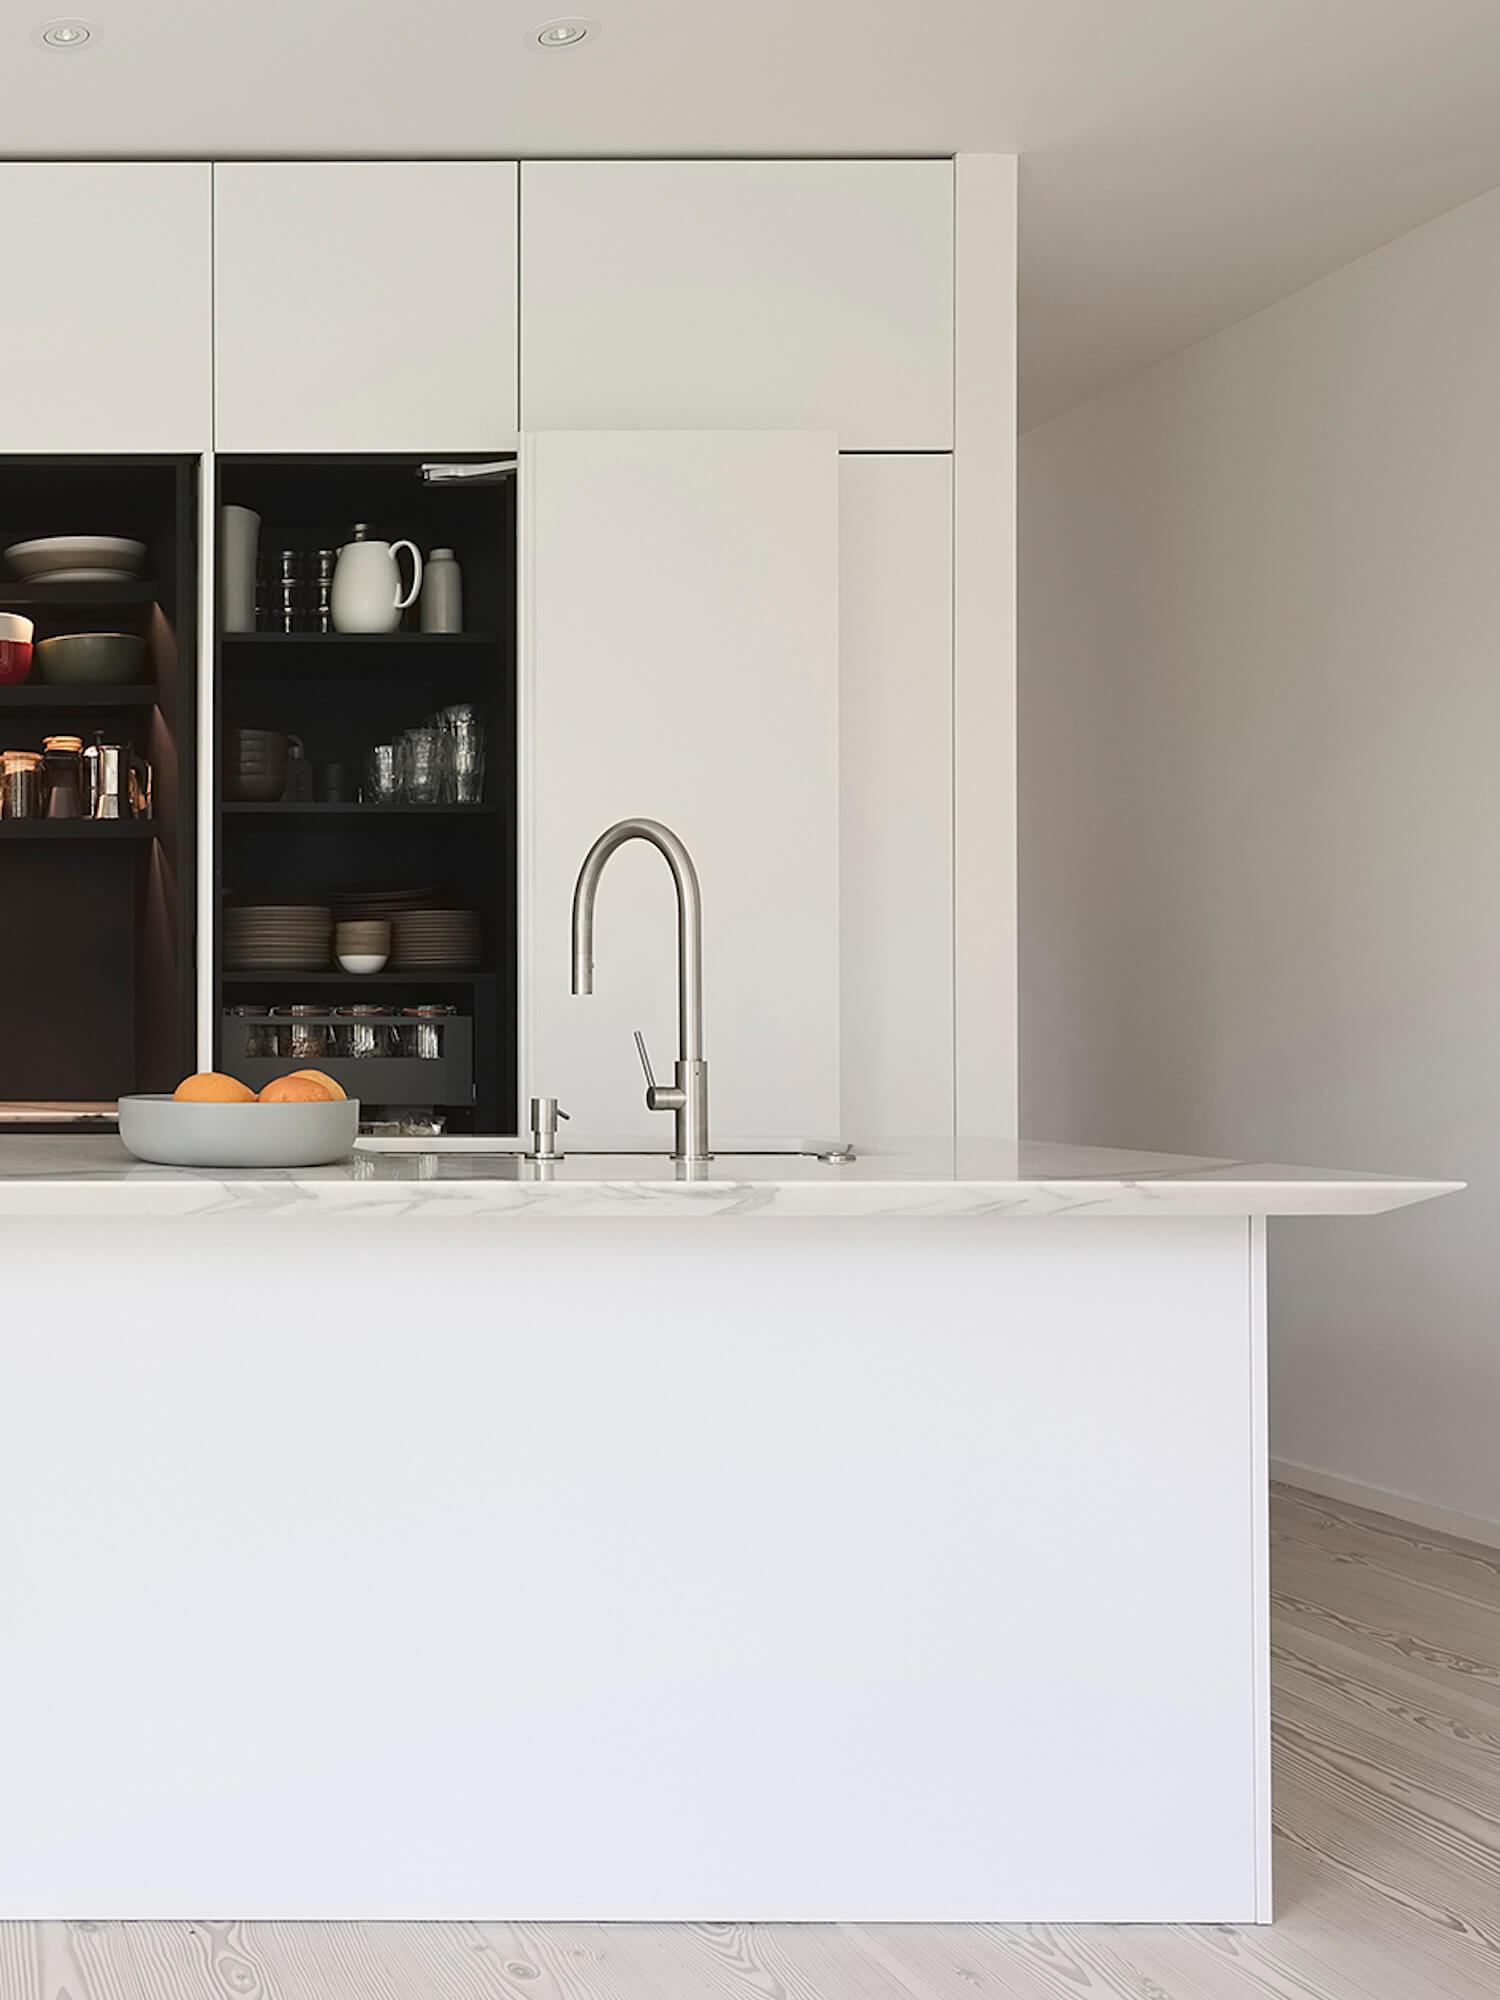 est living gable house edmonds lee architects 20